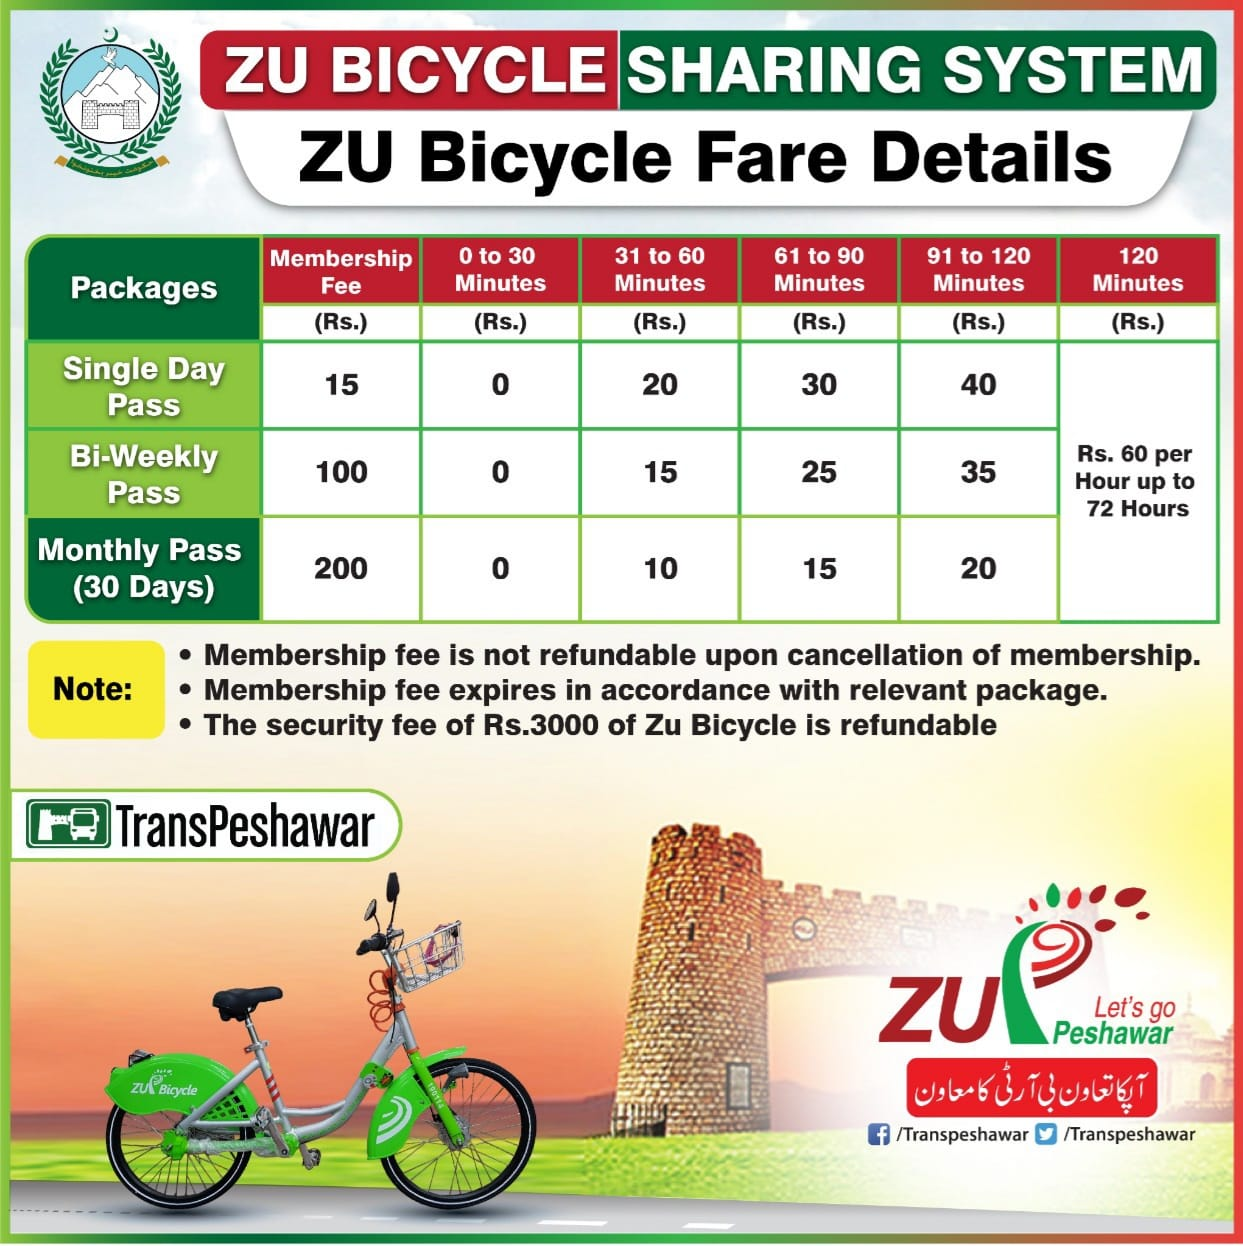 Fare Details - ZU Bicycle and ZU Peshawar BRT System